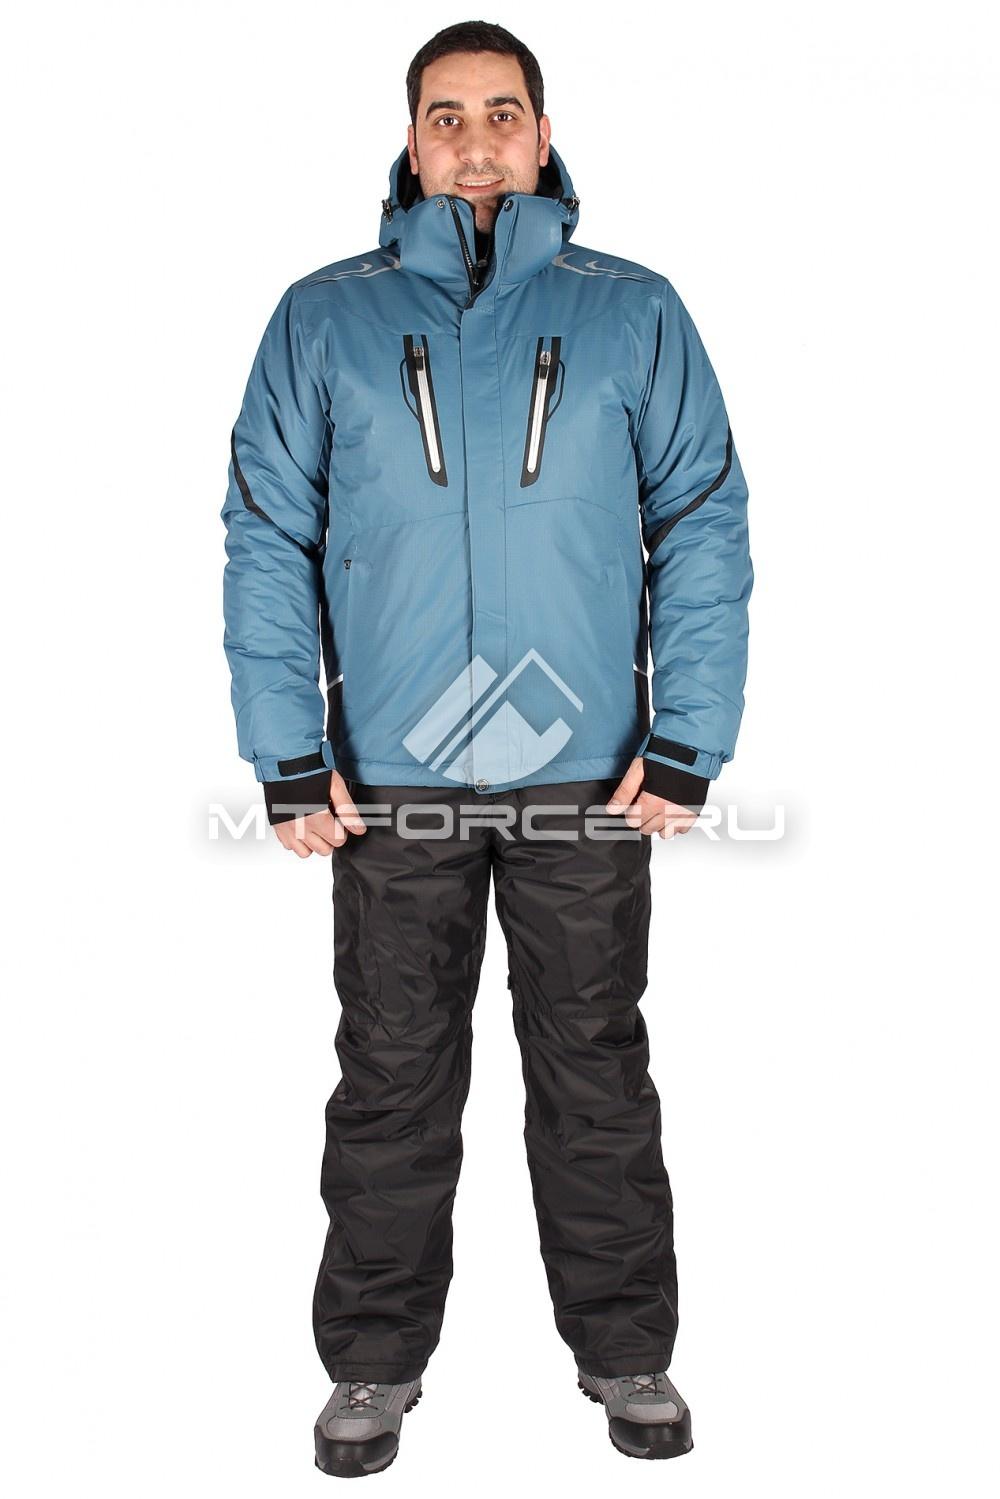 Купить                                  оптом Костюм горнолыжный мужской голубого цвета 01556Gl